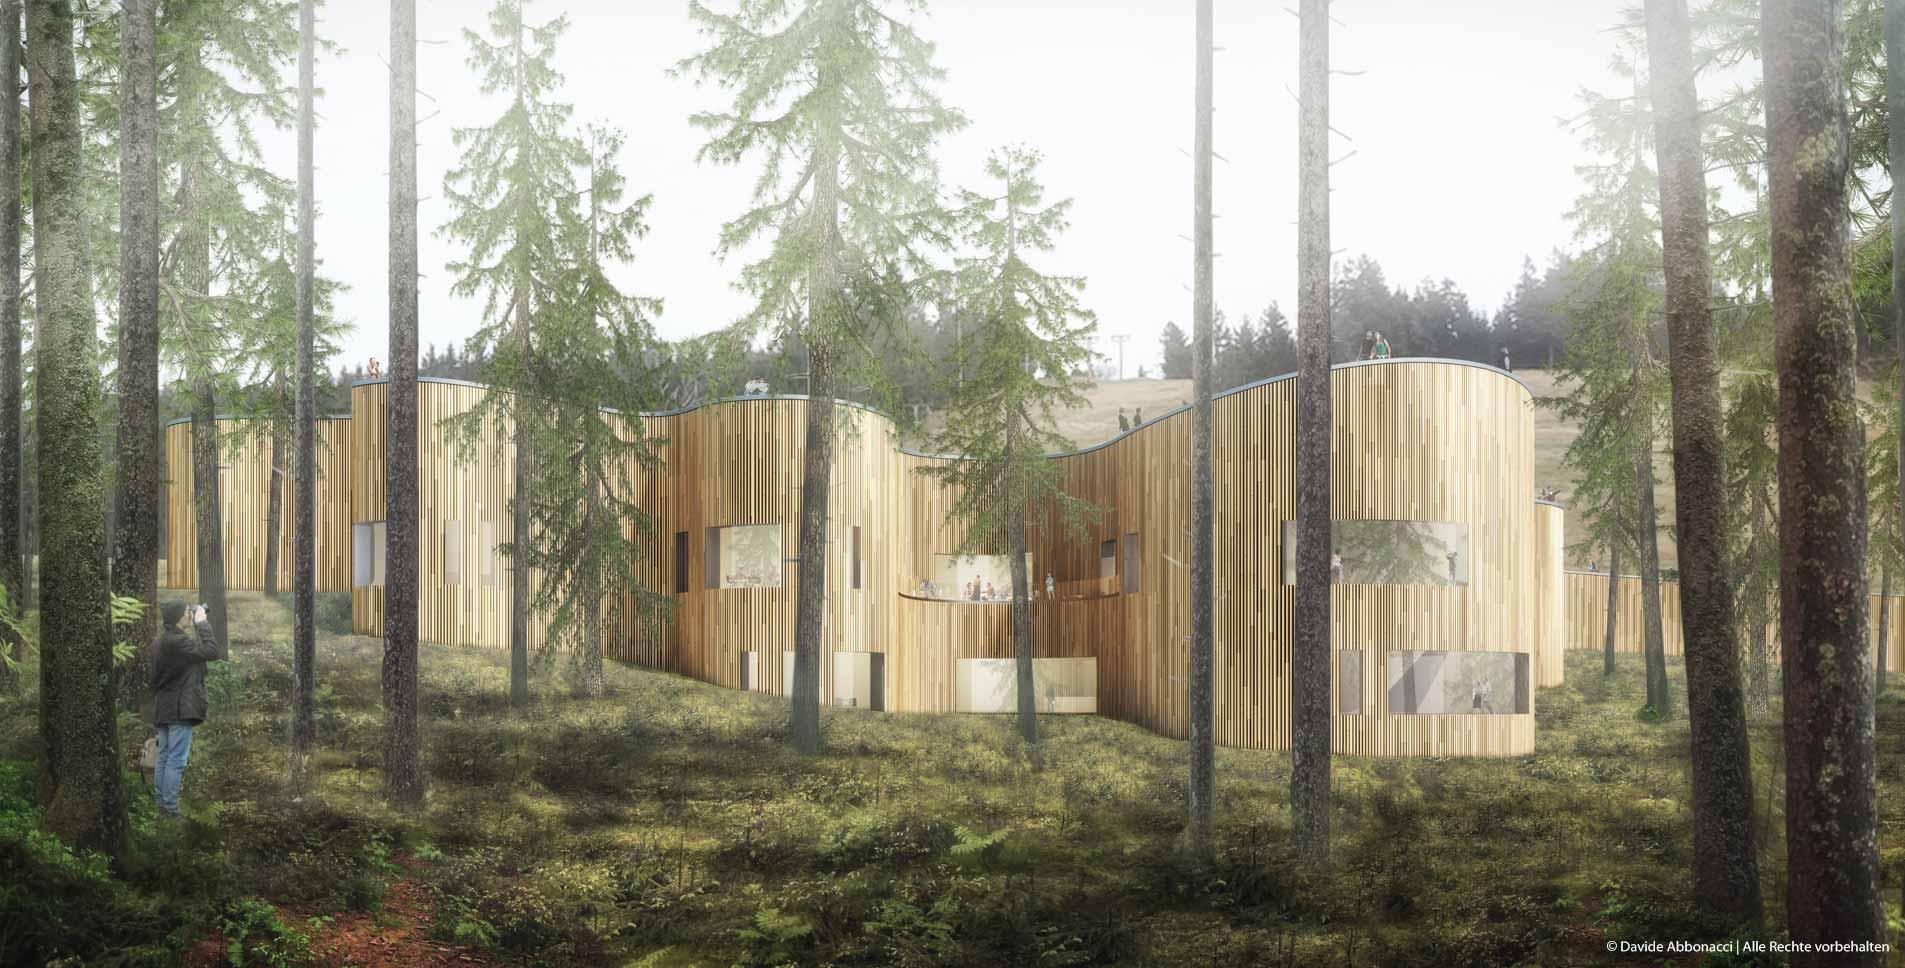 Besucherzentrum für Nationalpark Schwarzwald   Anne Kleinlein Architektin   2015 Wettbewerbsvisualisierung   3. Preis